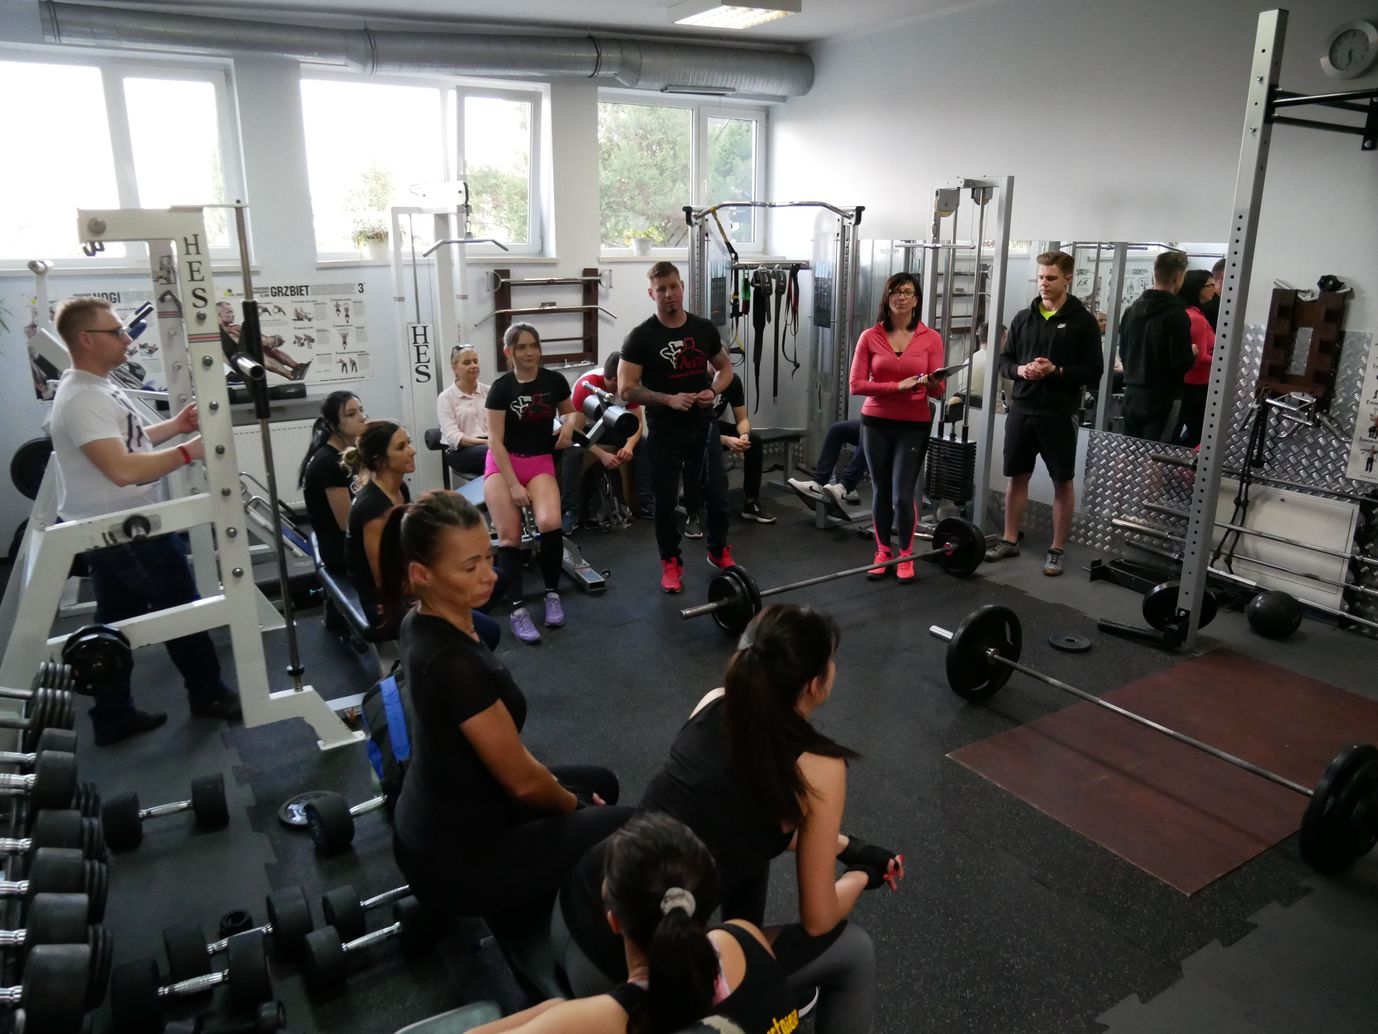 Zawody Martwy Ciąg Pleszew Fitness Klub Active Fit ul. Traugutta 30 siłownia trening personalny 8